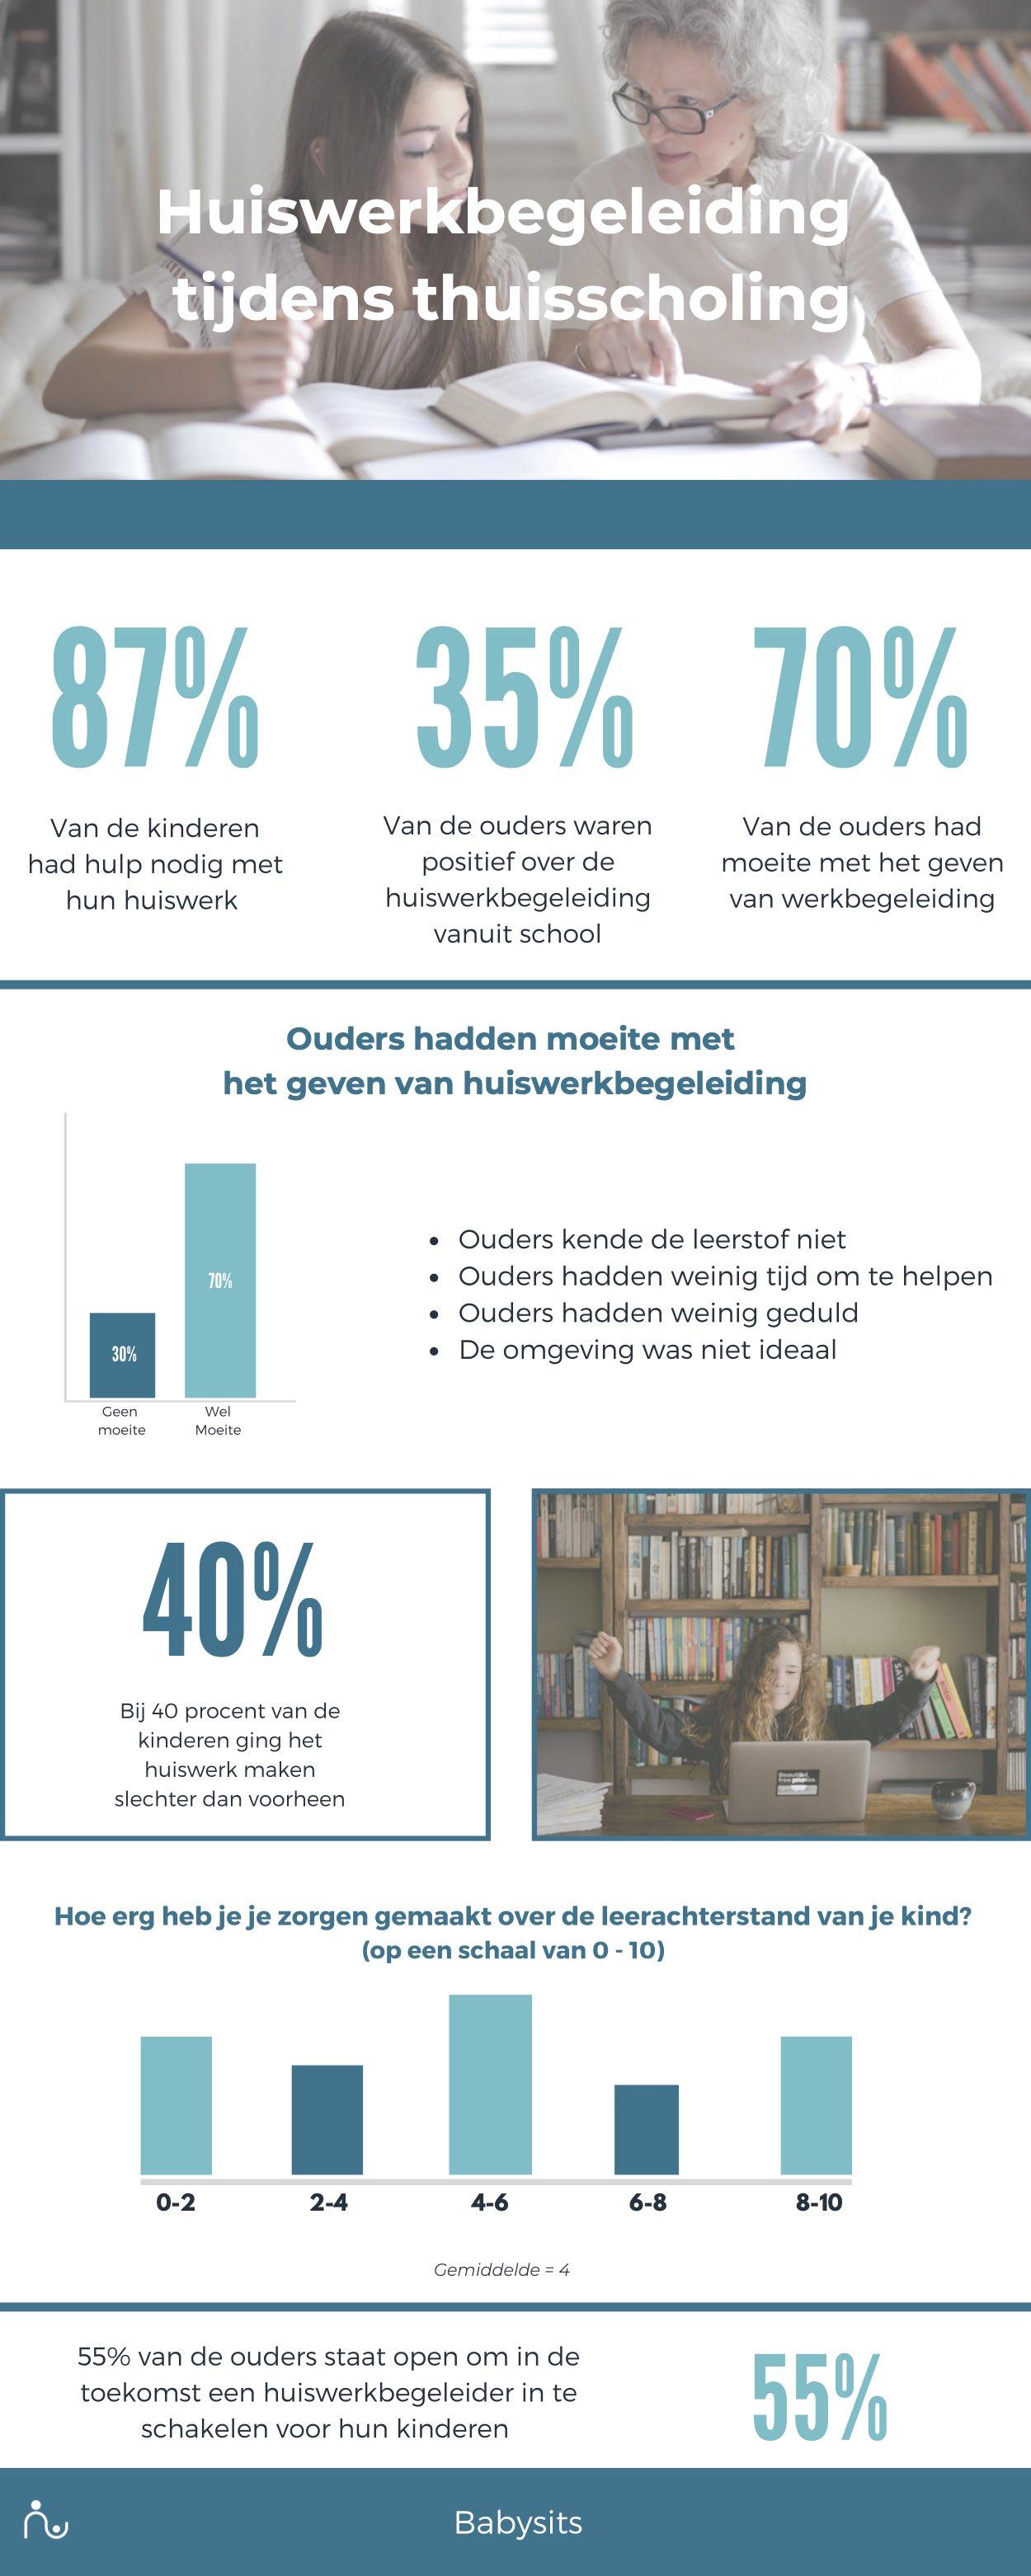 Infographic huiswerkbegeleiding tijdens thuisscholing